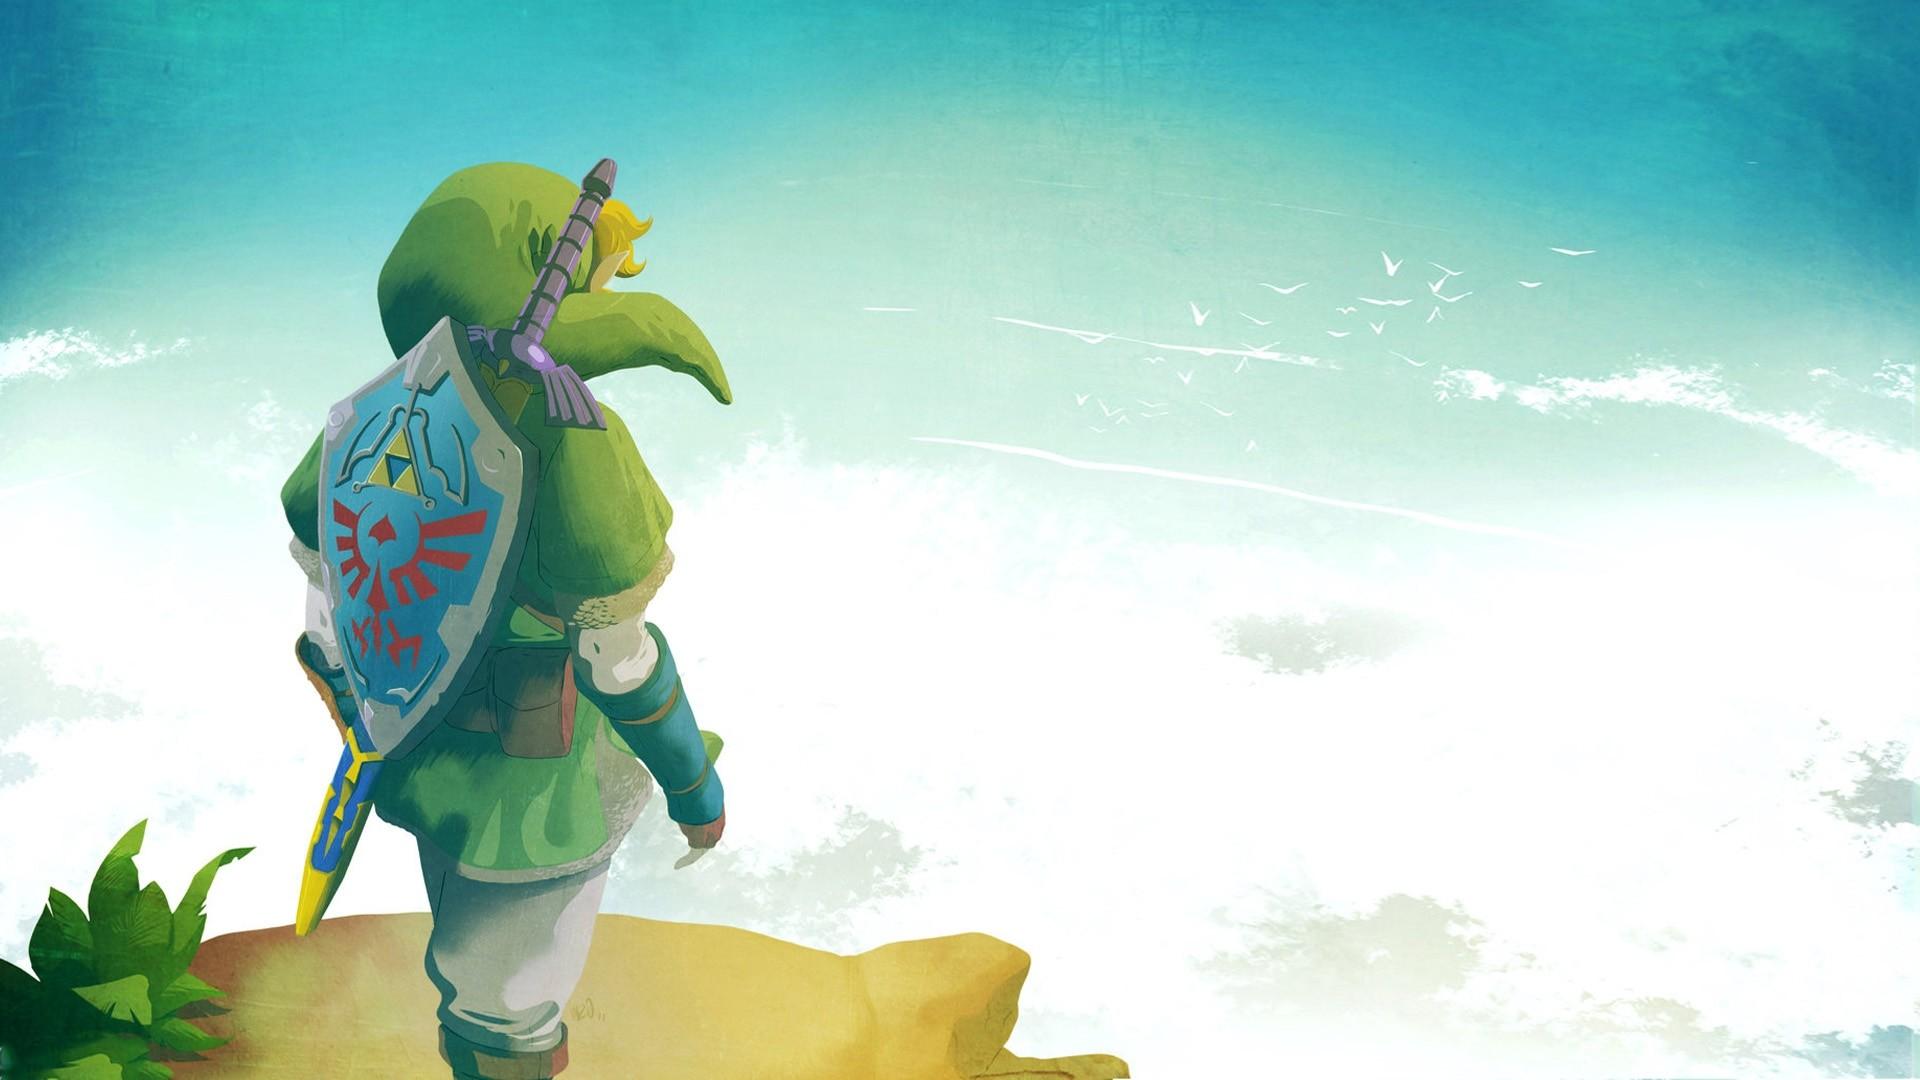 Download Wallpaper The legend of zelda, Elf, Shield, Sky .